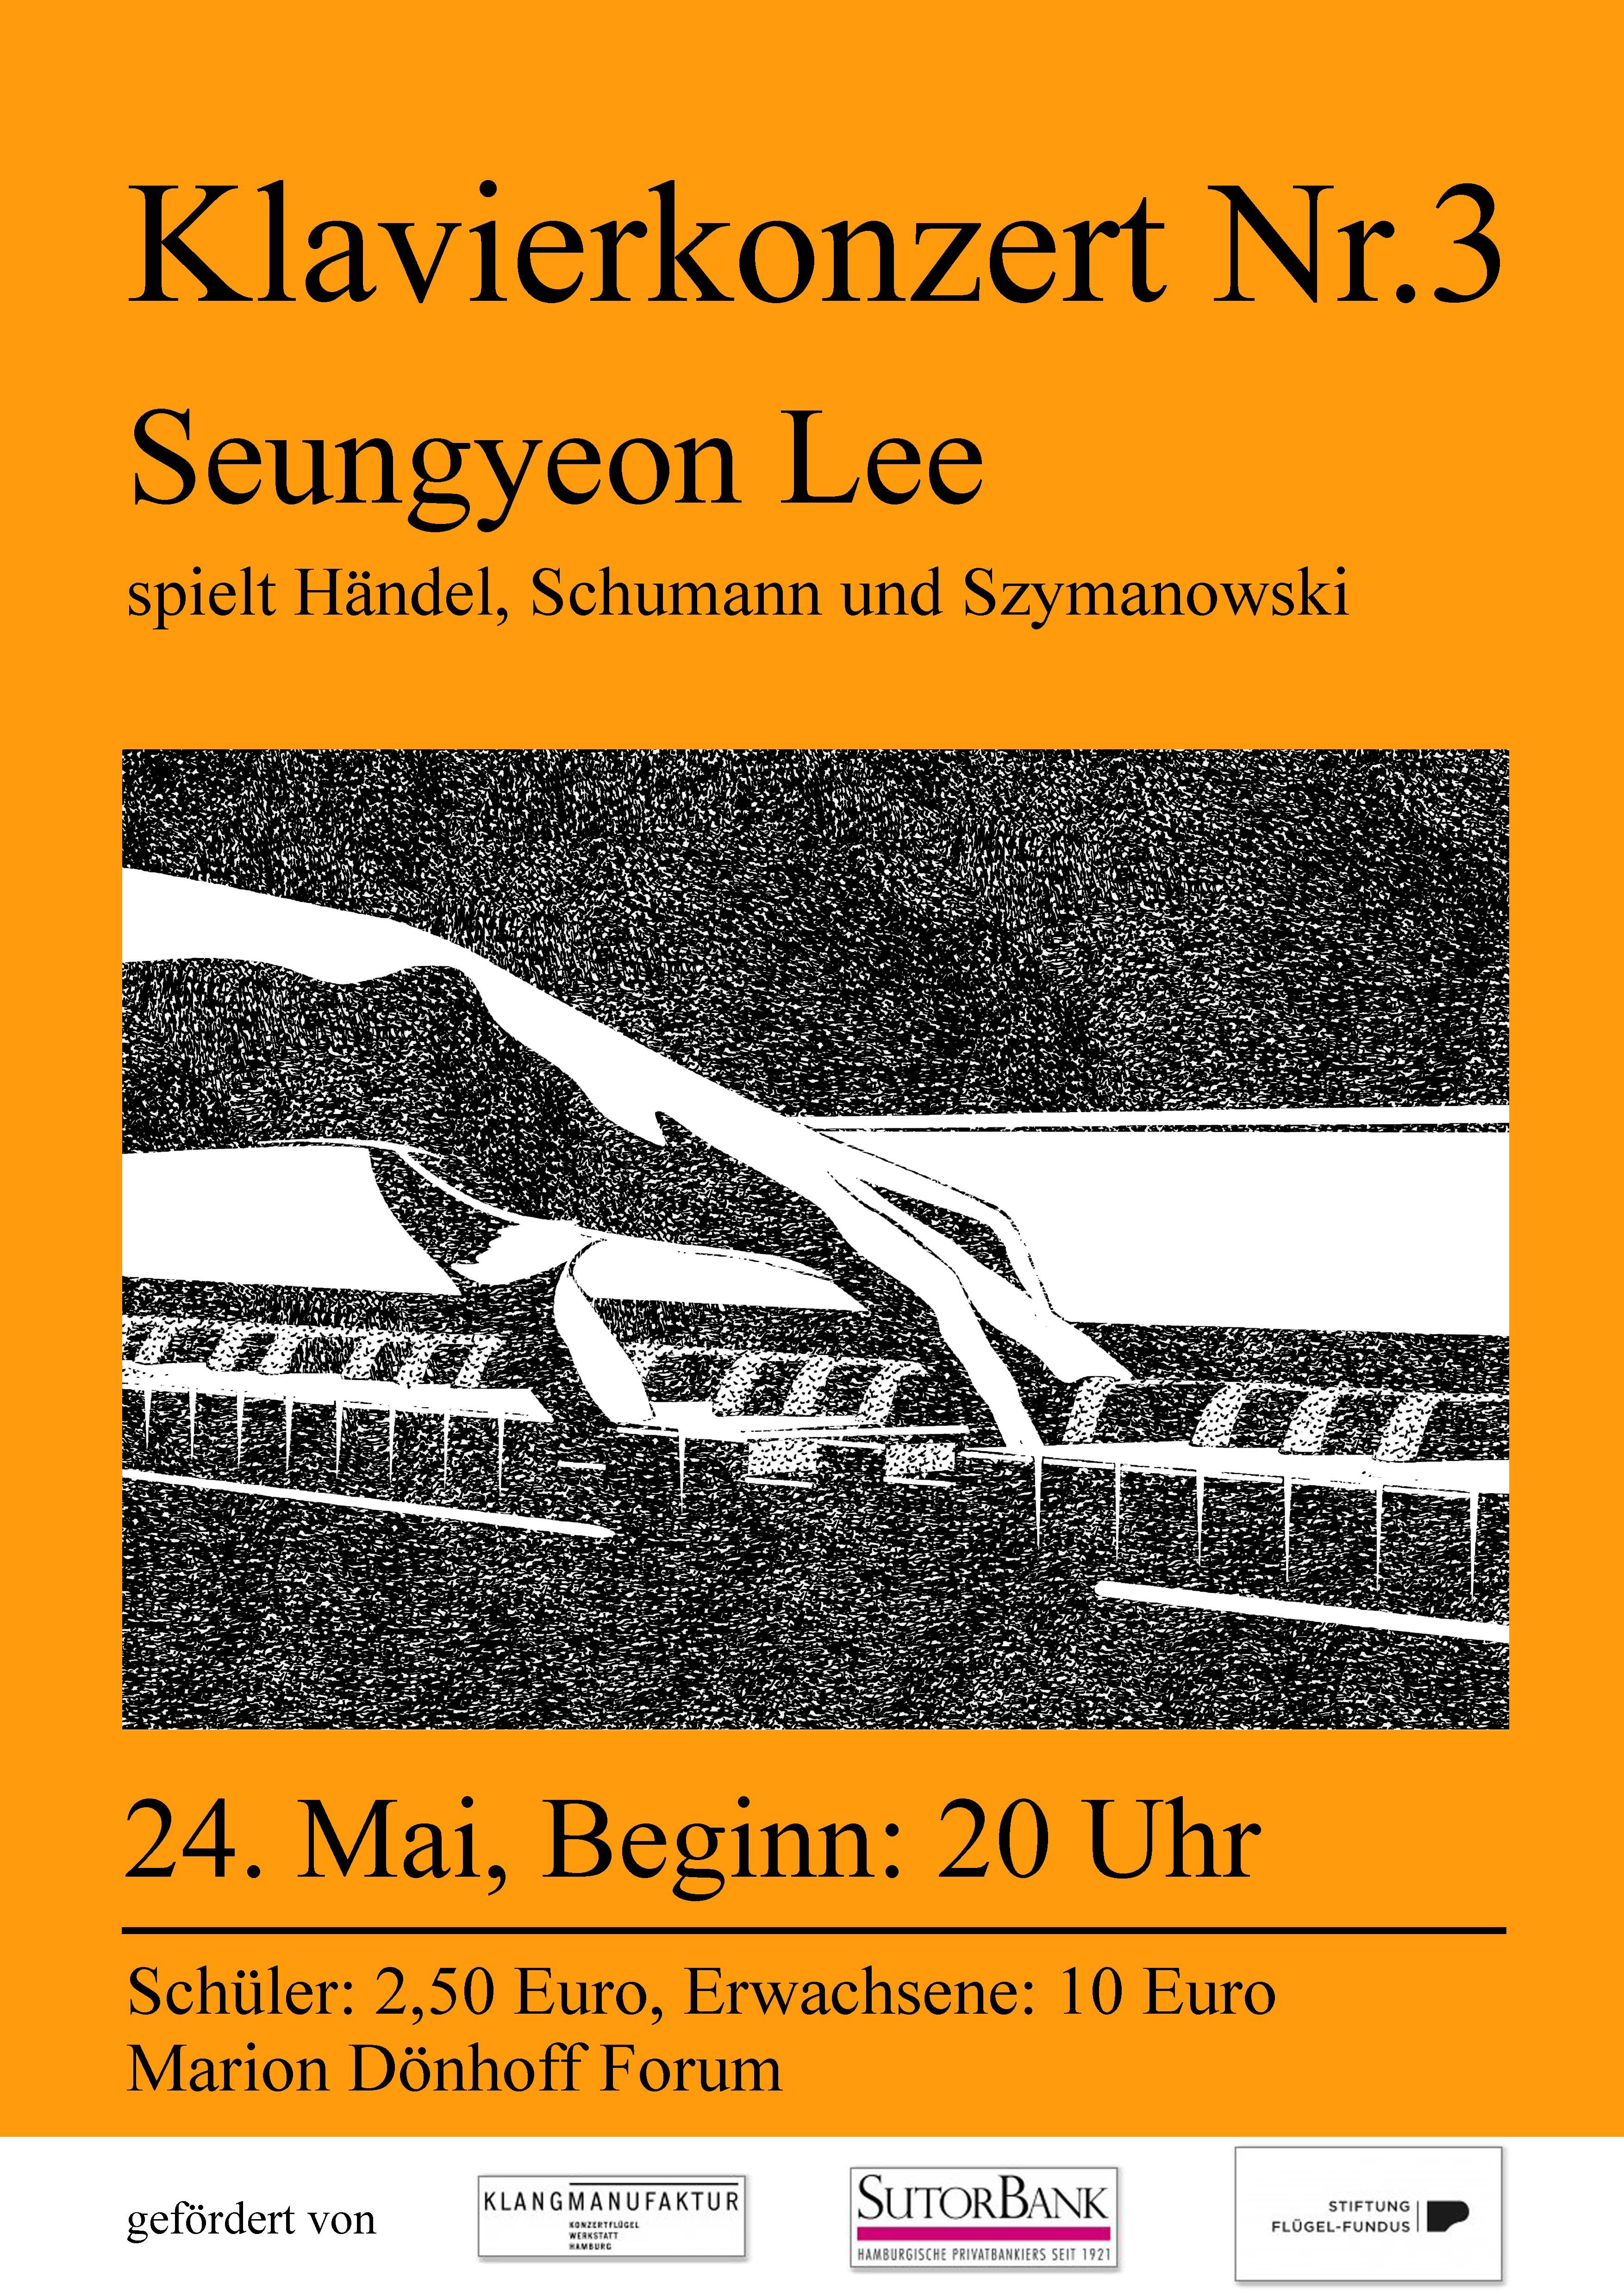 Klavierkonzert Nr.3   Do, 24. Mai 2018 – 20 Uhr